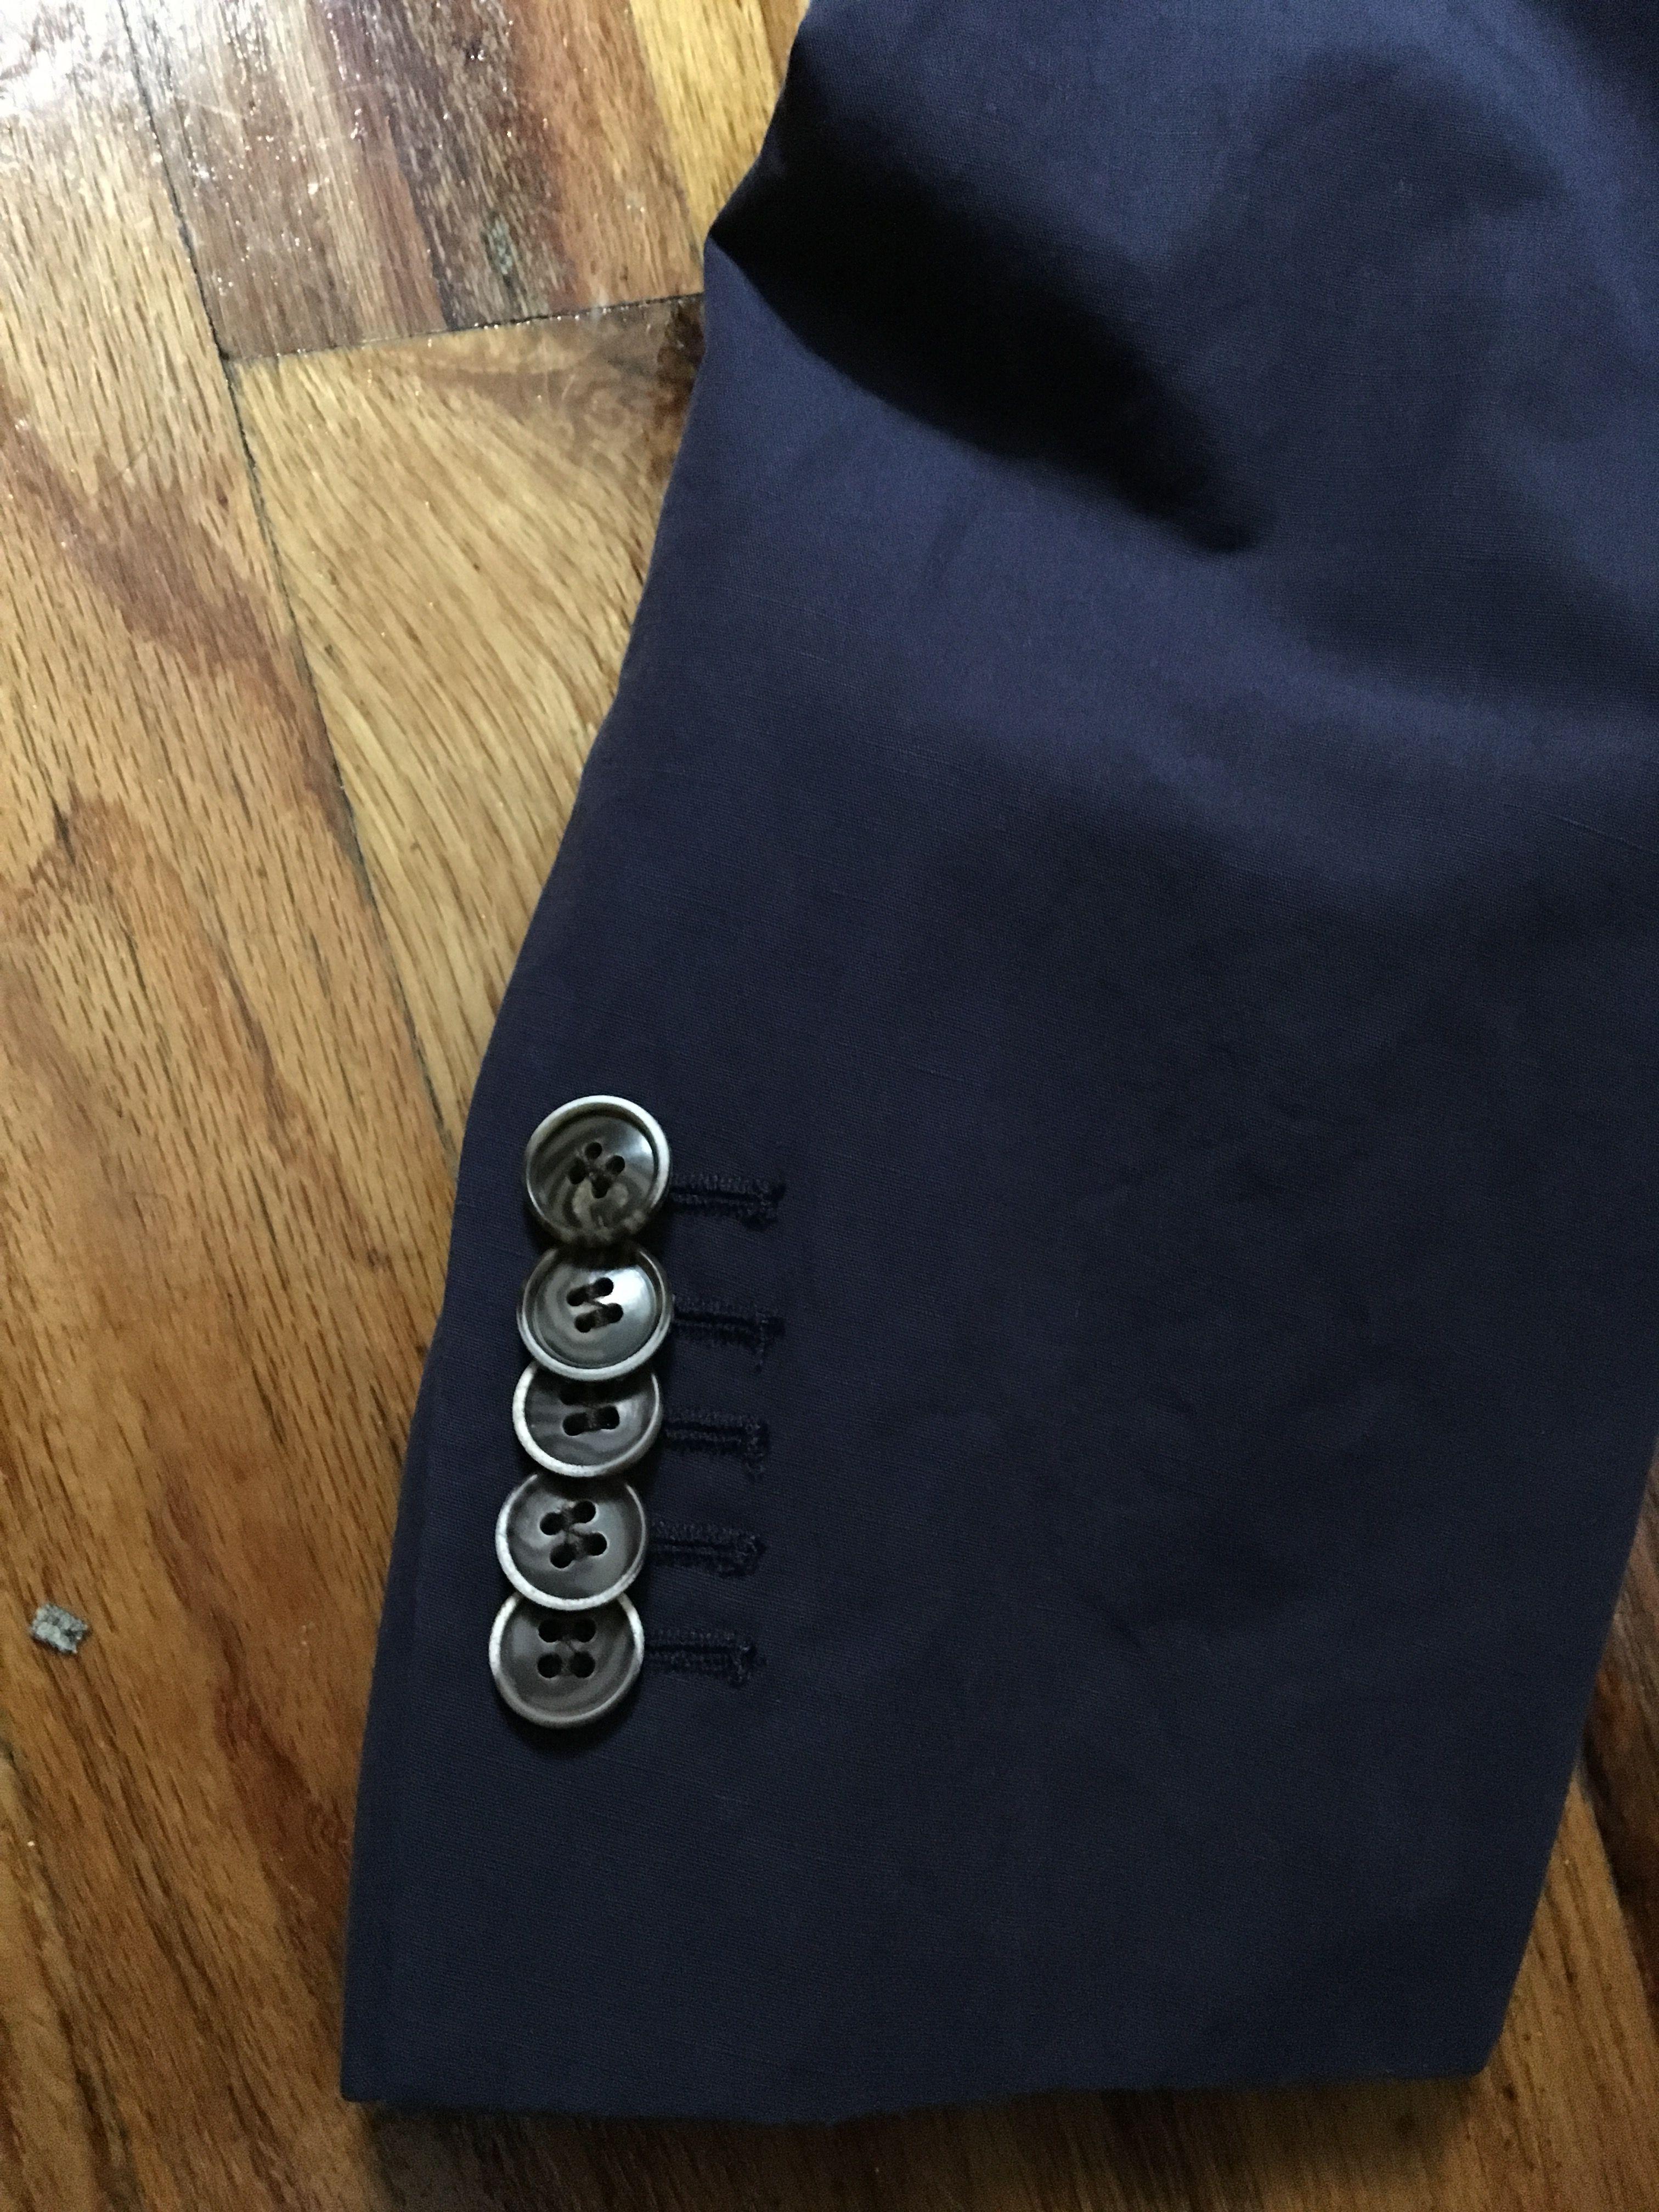 BNWT Suitsupply - Final DROPS - Suits, Car Coats, Jacket ...